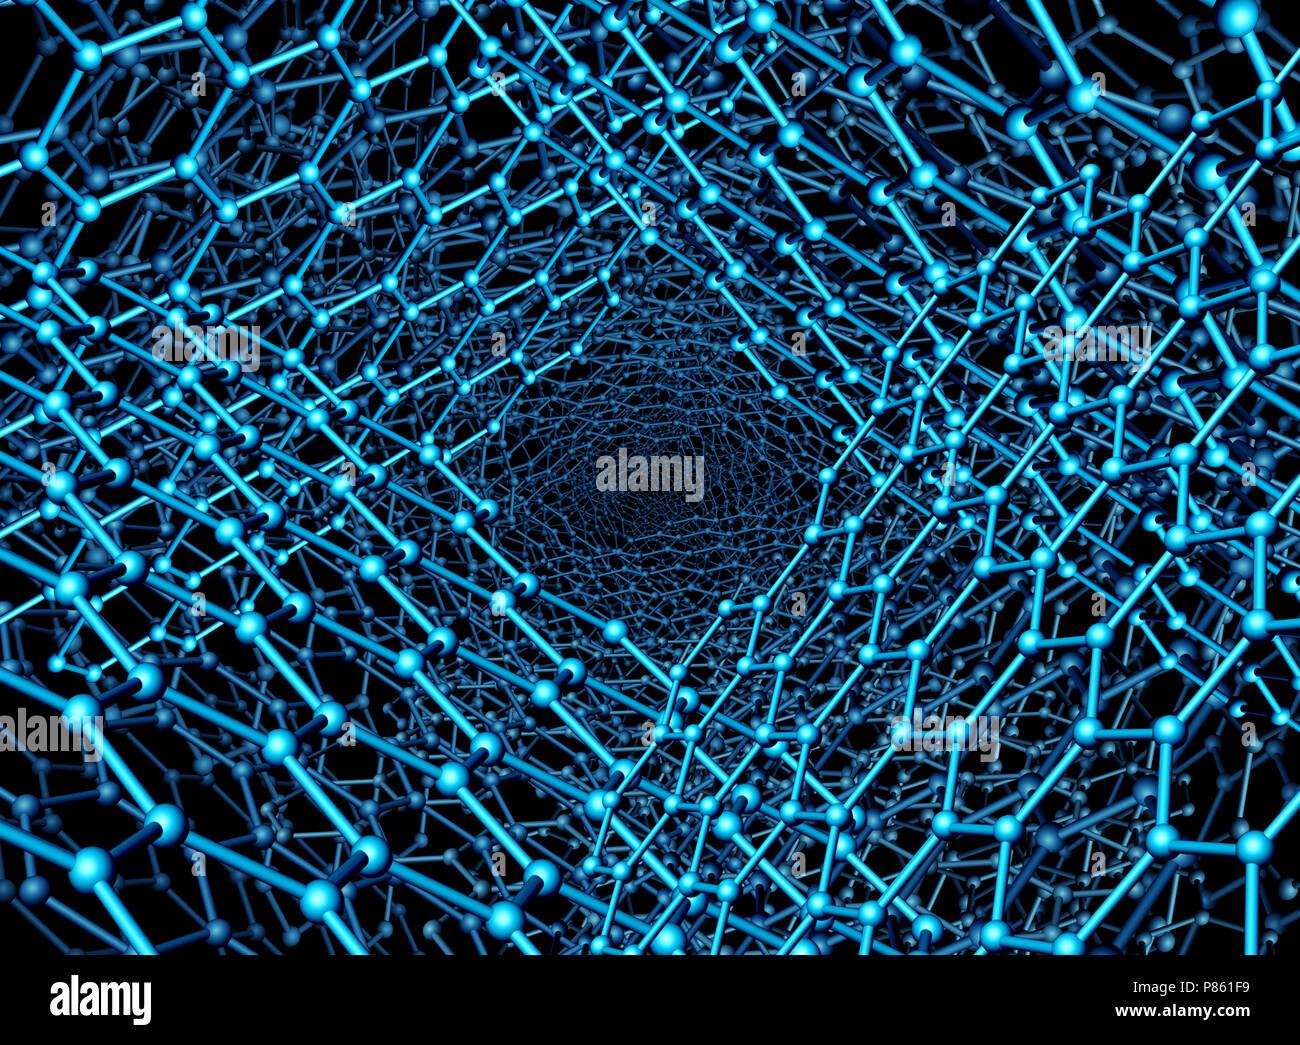 Nanotechnologie hintergrund abbildung als Graphen atomare Struktur als 3D-Render. Stockbild